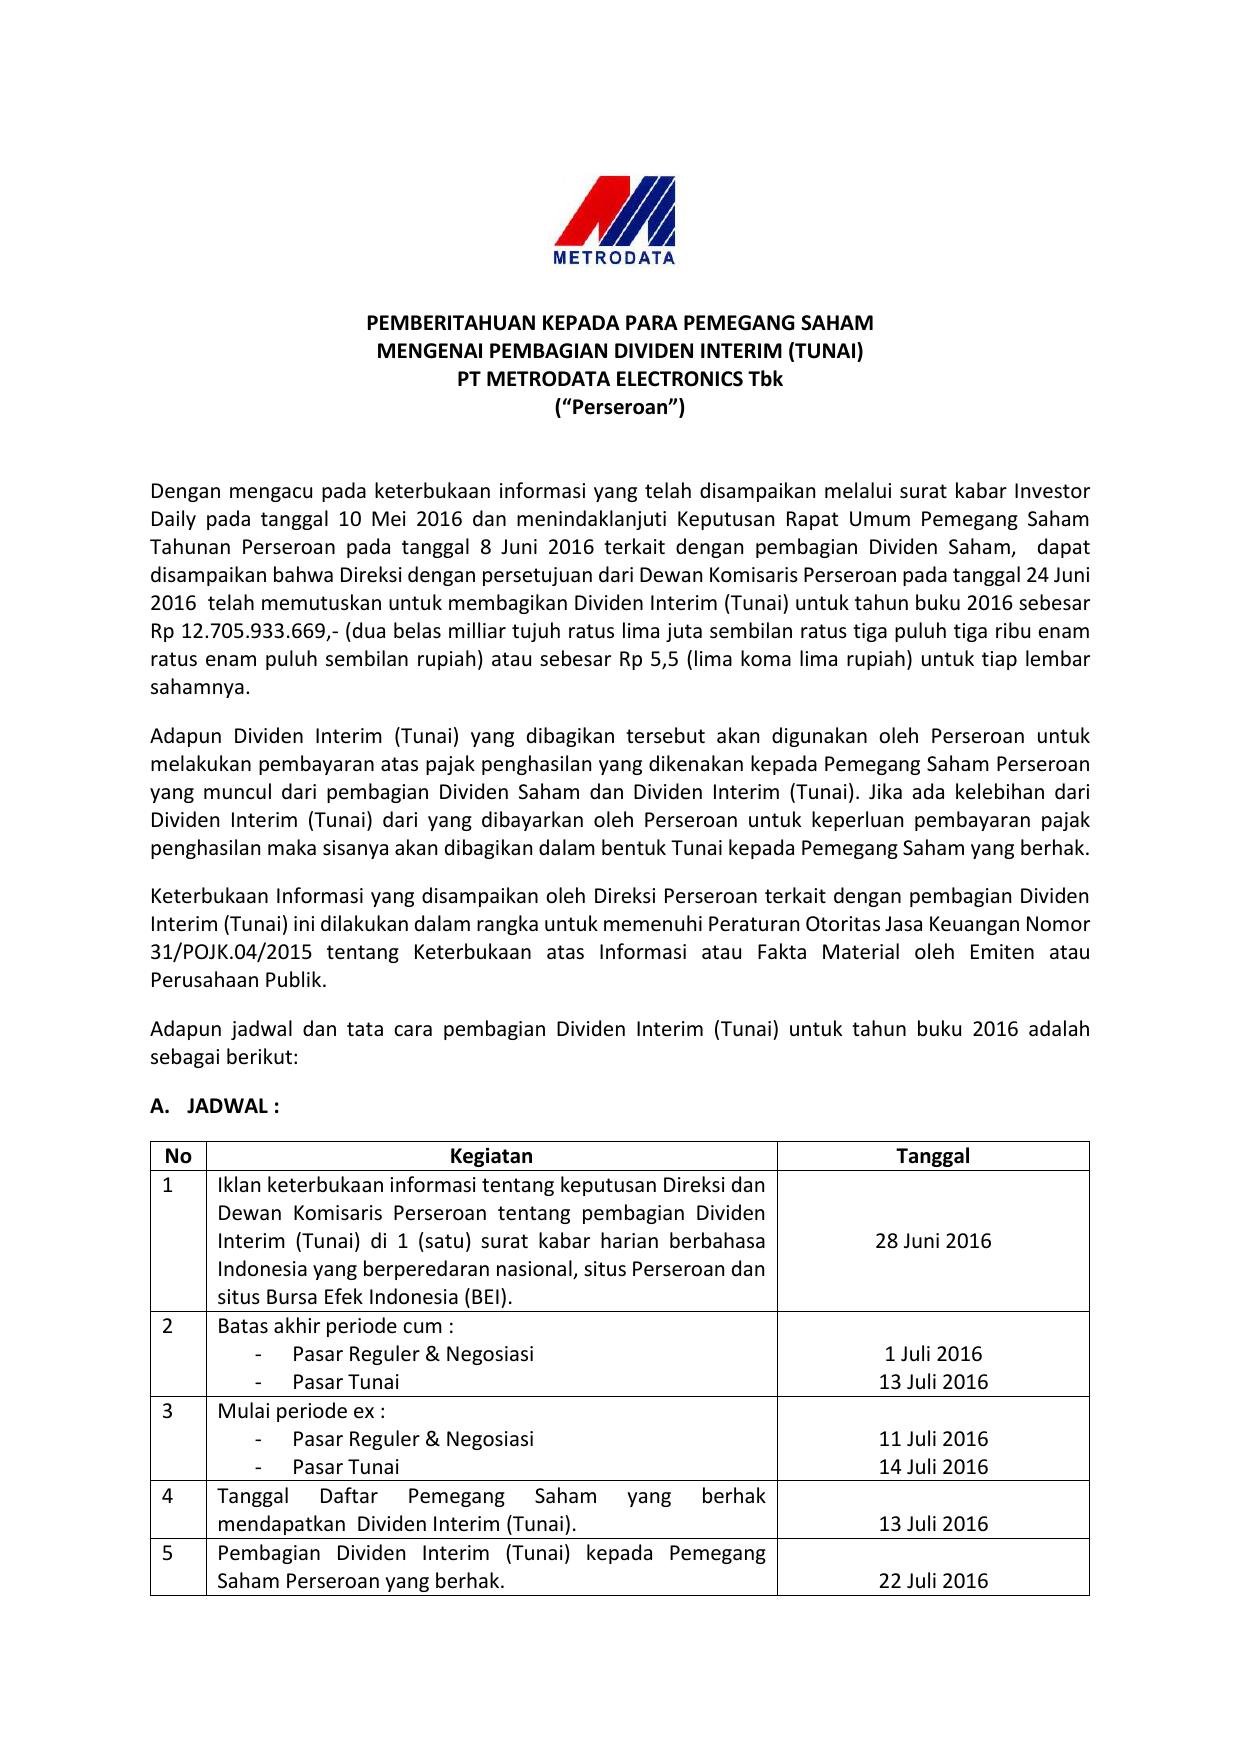 Pemberitahuan Pembagian Dividen Interim Mtdl 2016